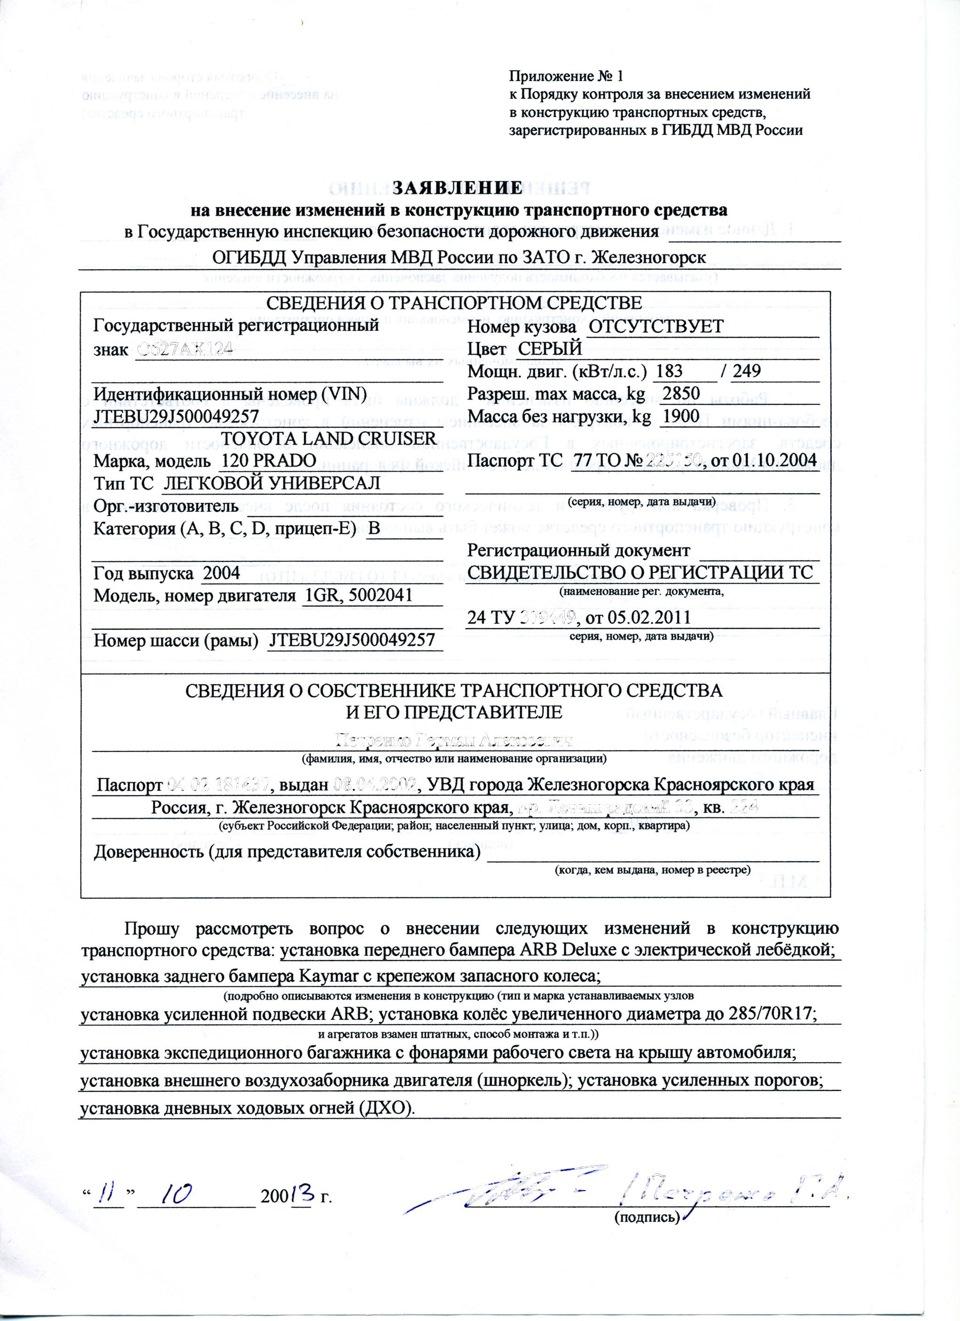 Гибдд омск заявление на осмотр транспортного средства